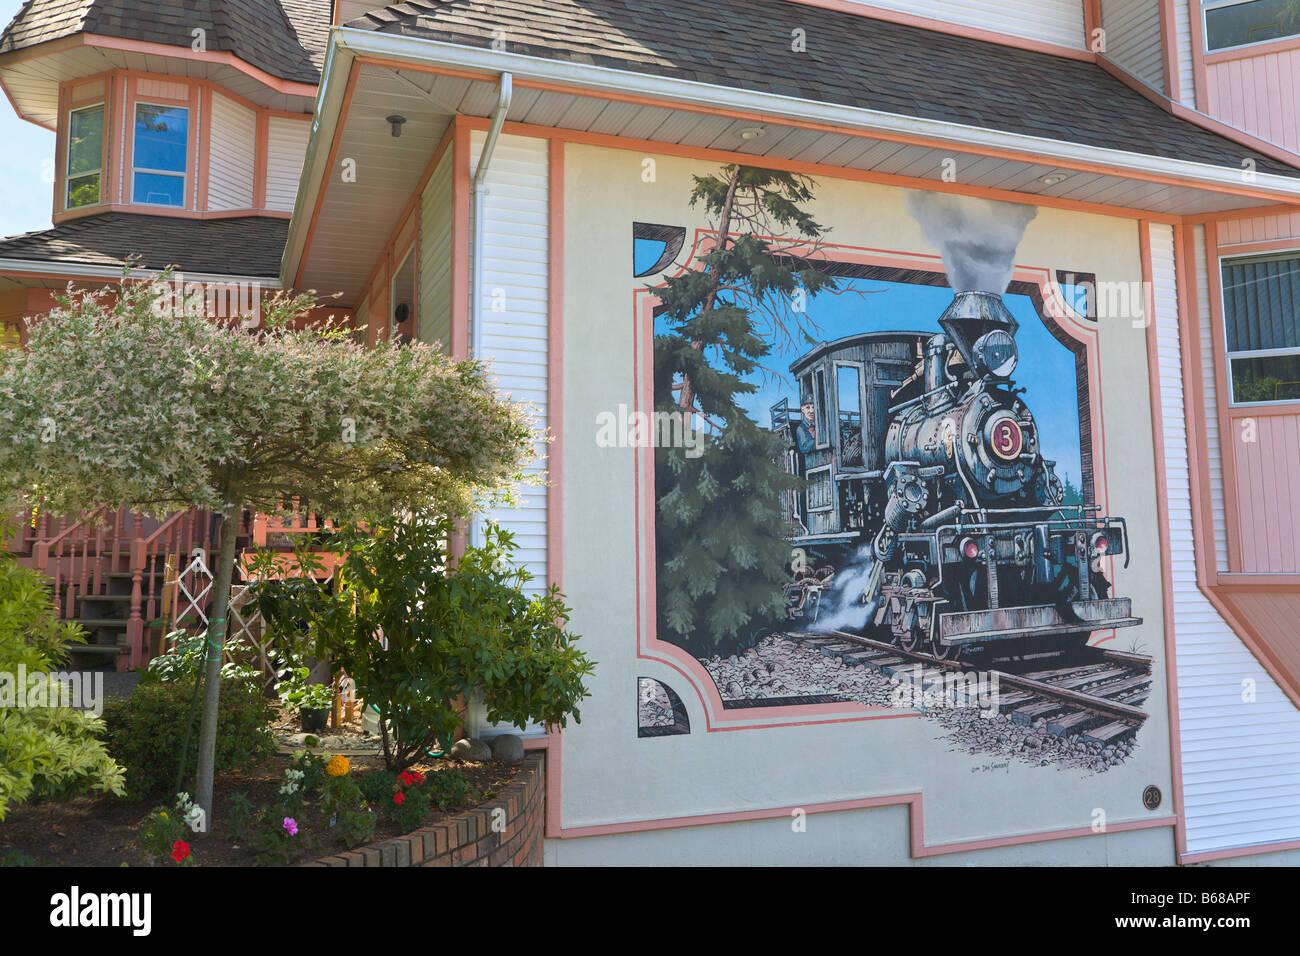 Painted wall murals Chemainus Vancouver Island British Columbia